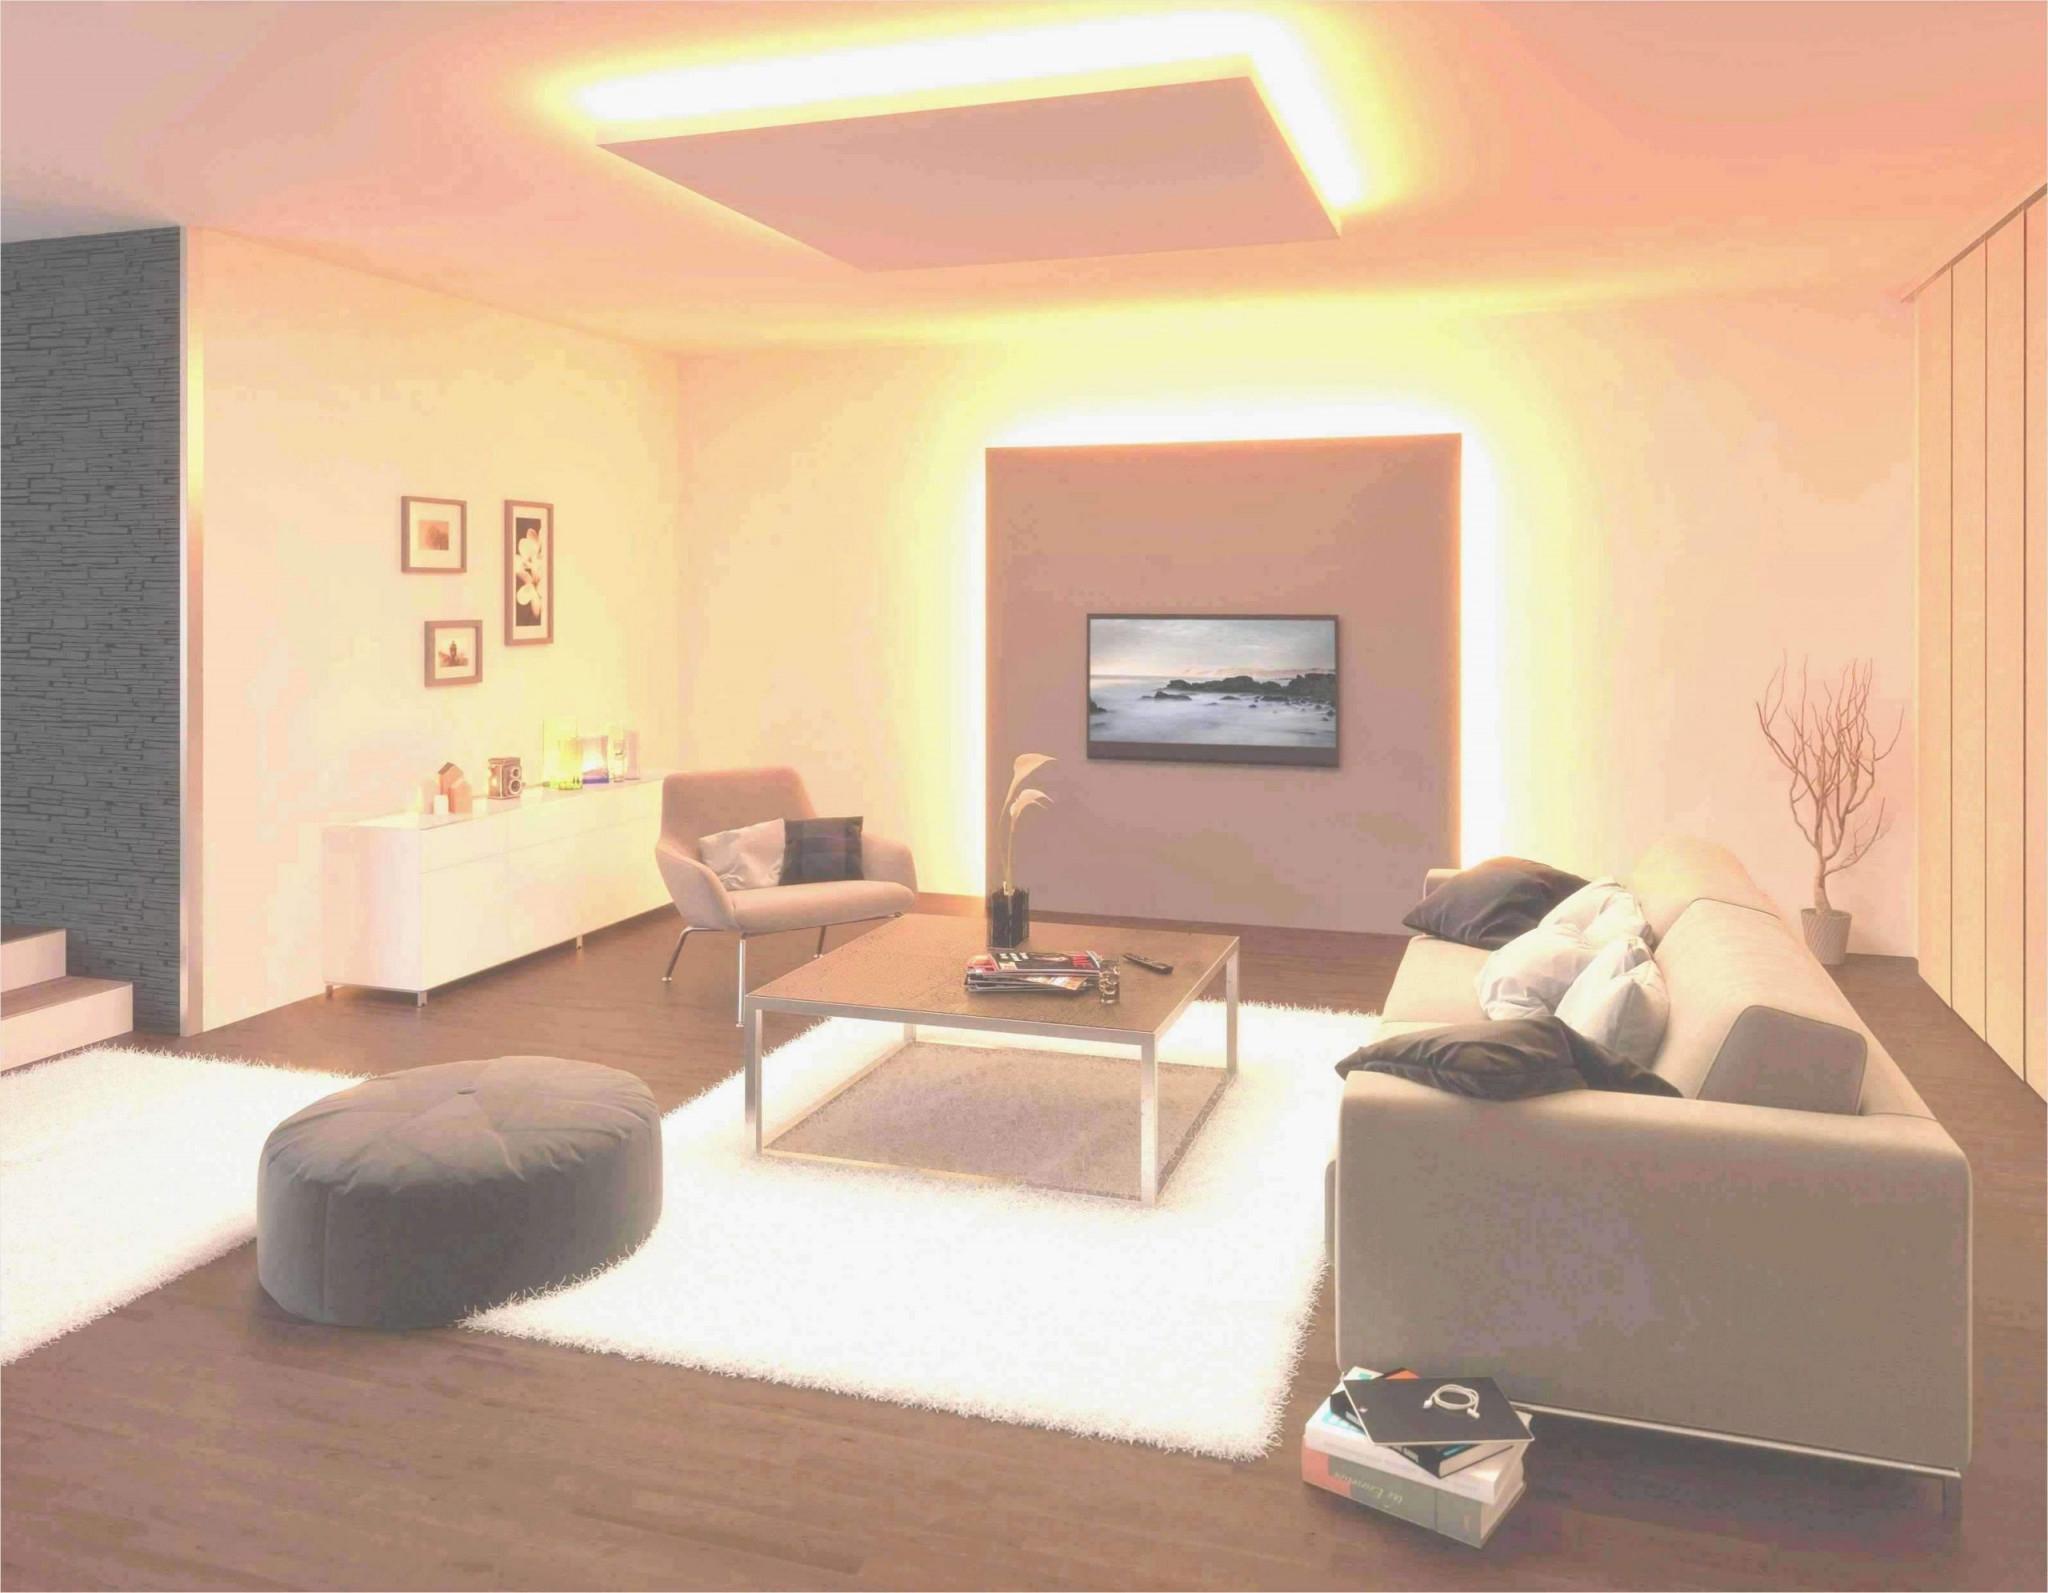 Wohnzimmer Deckenleuchte Inspirierend Deckenleuchte Led von Deckenleuchte Wohnzimmer Groß Bild